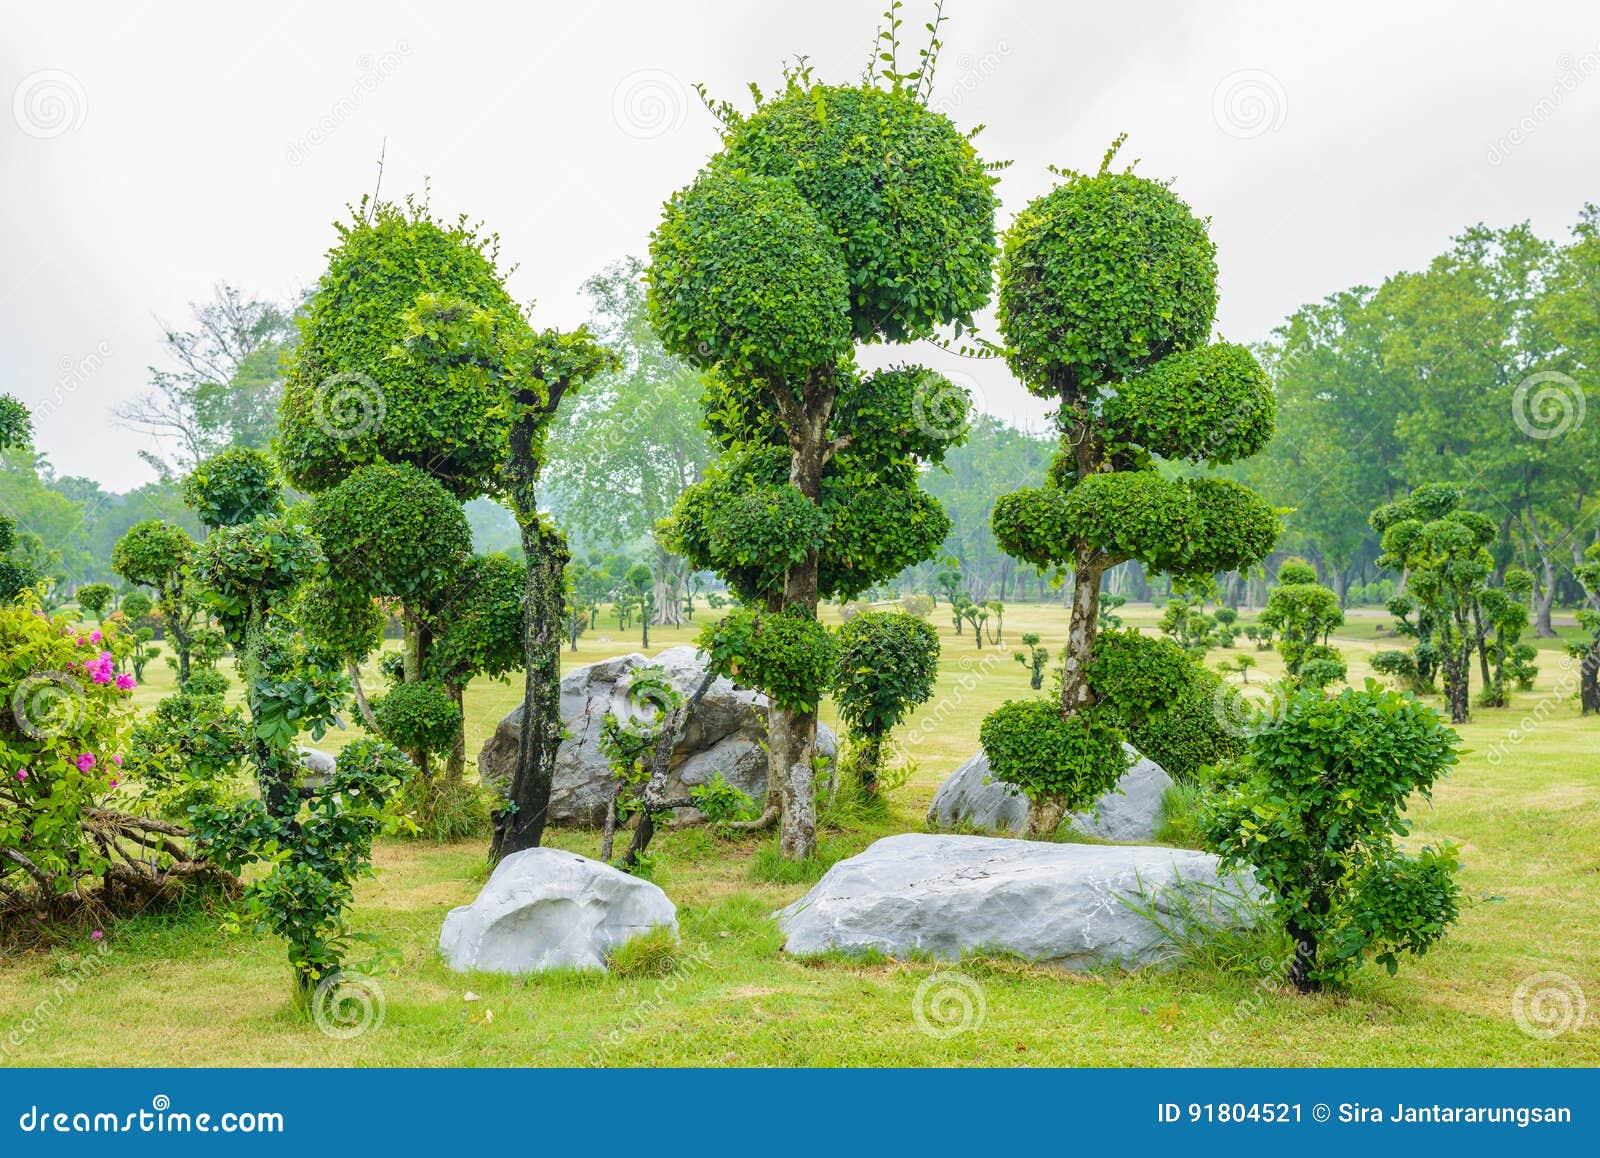 Jardin de d coration d 39 arbre de bonsa s de bois d 39 b ne - Jardin de bonsais ...